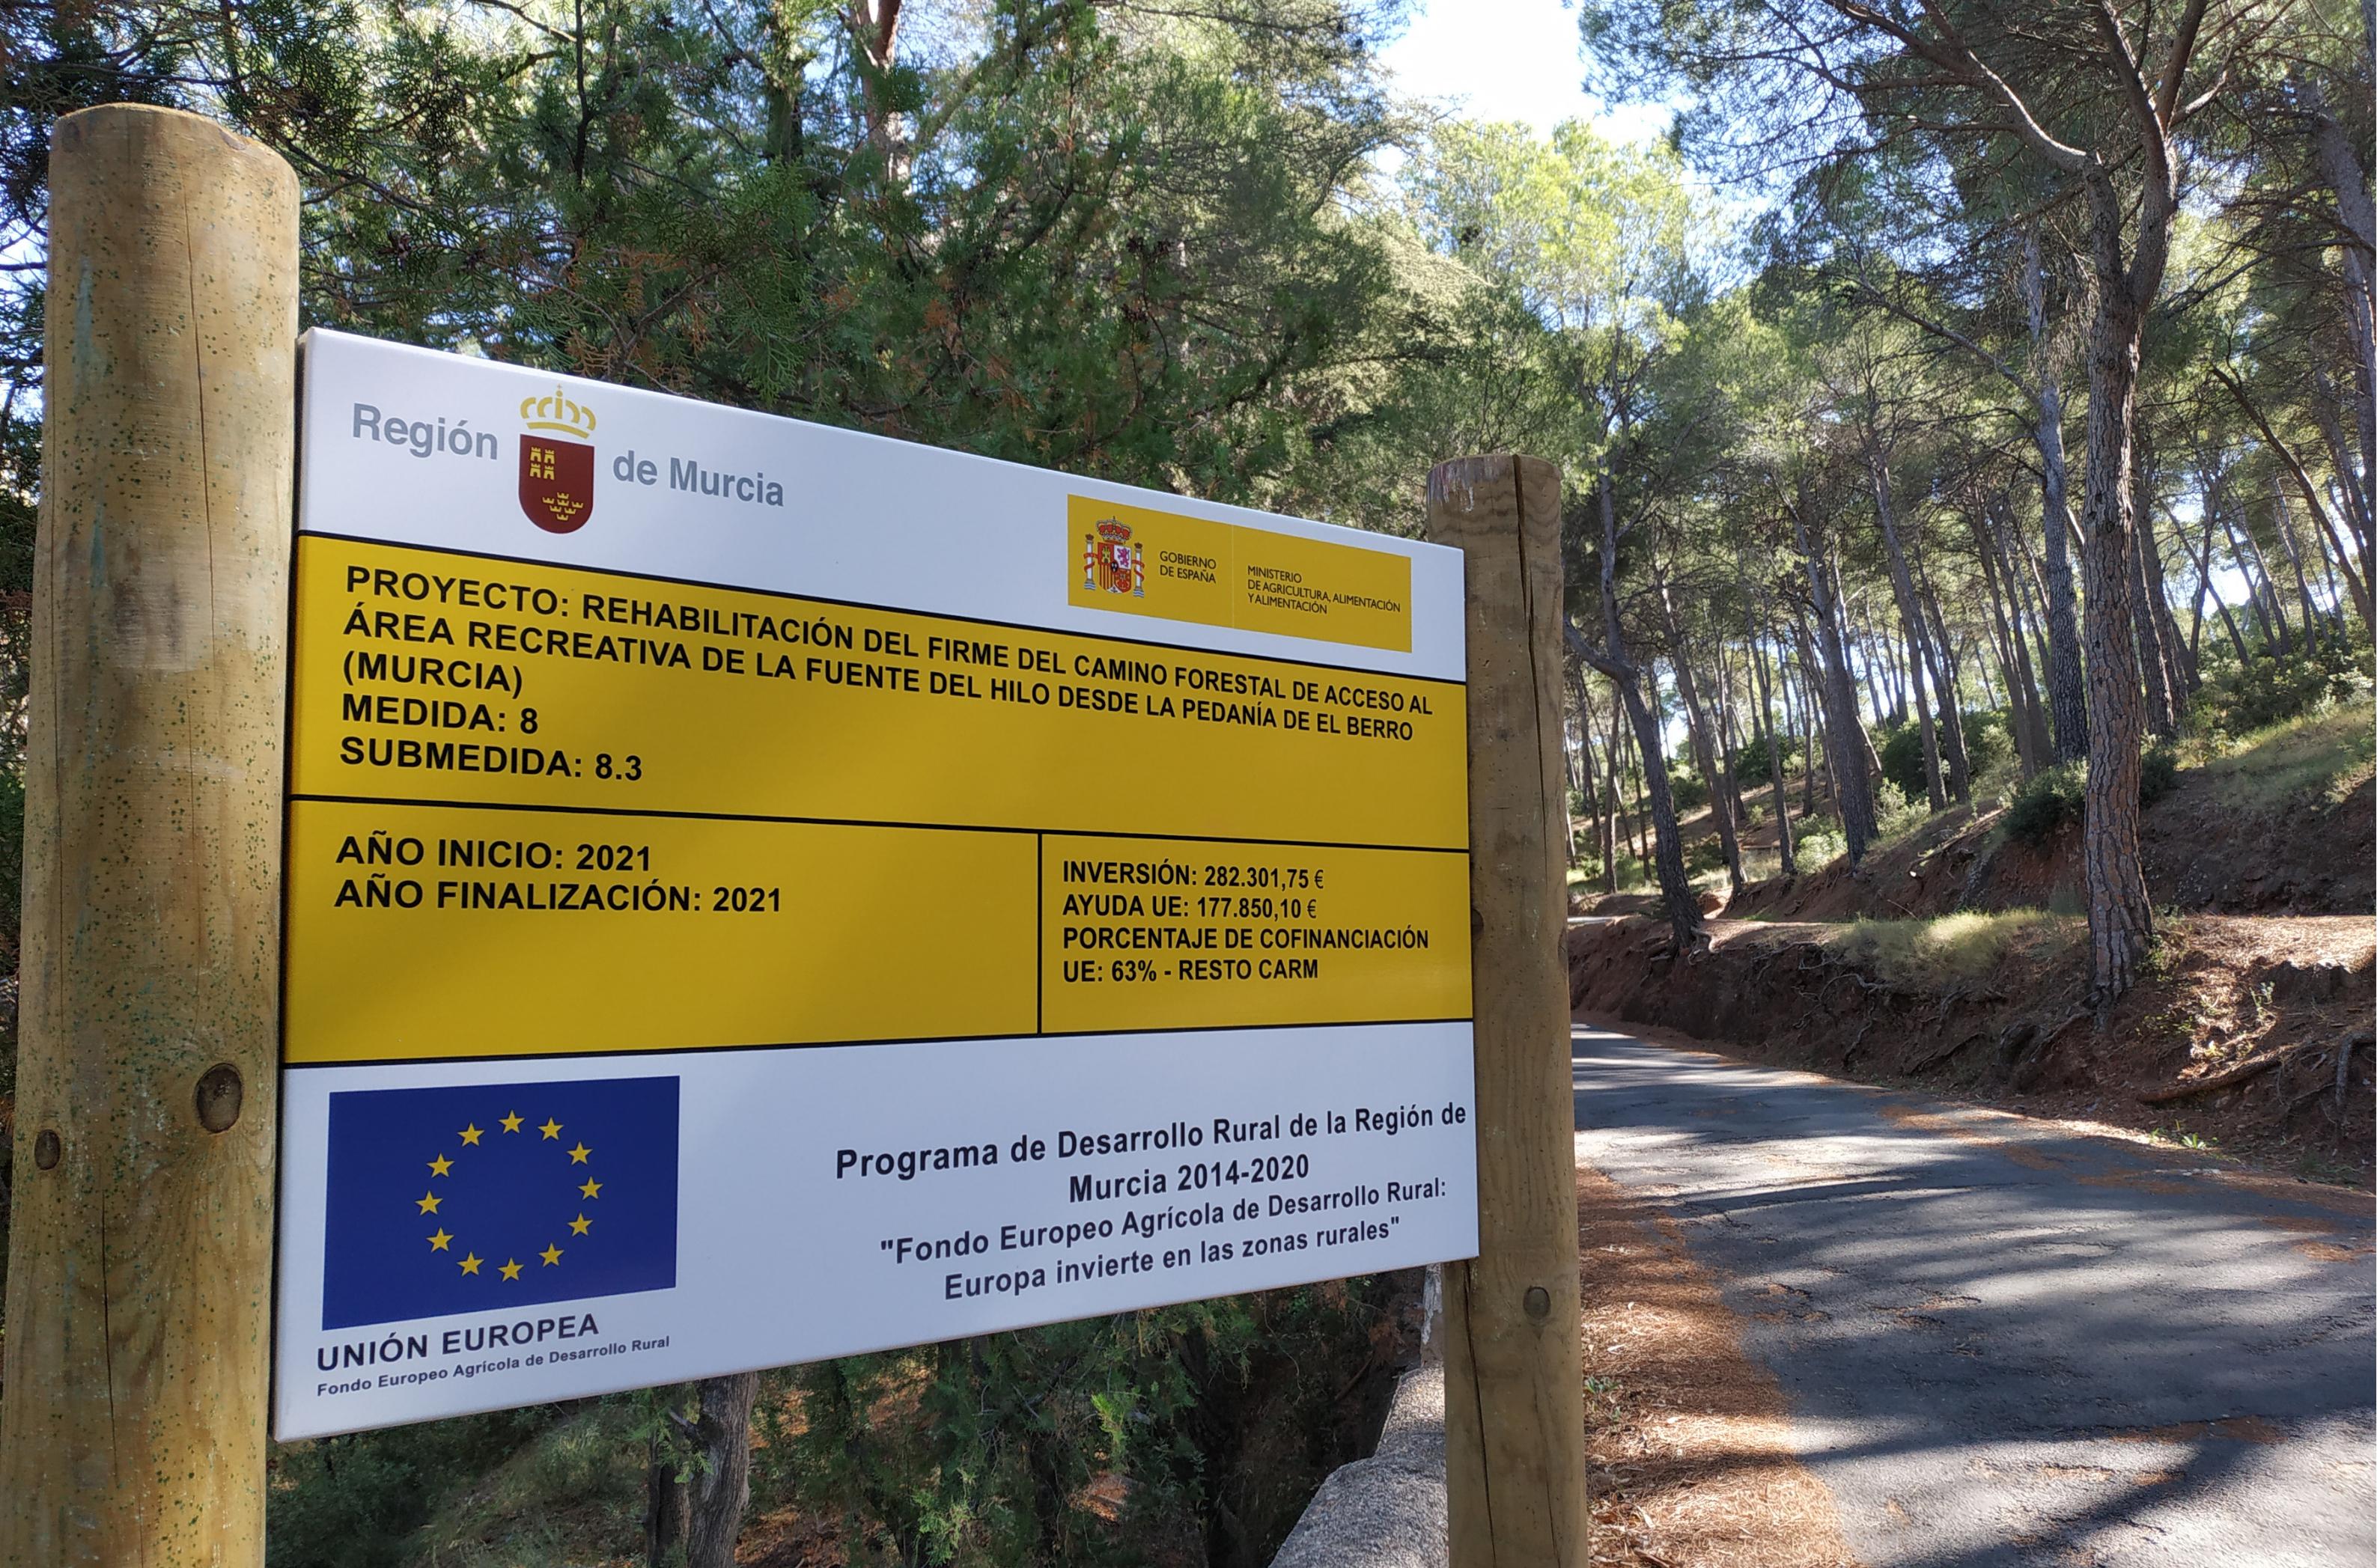 Imagen: Servicio de Información y Dinamización en la red de los Espacios Protegidos de la Región de Murcia